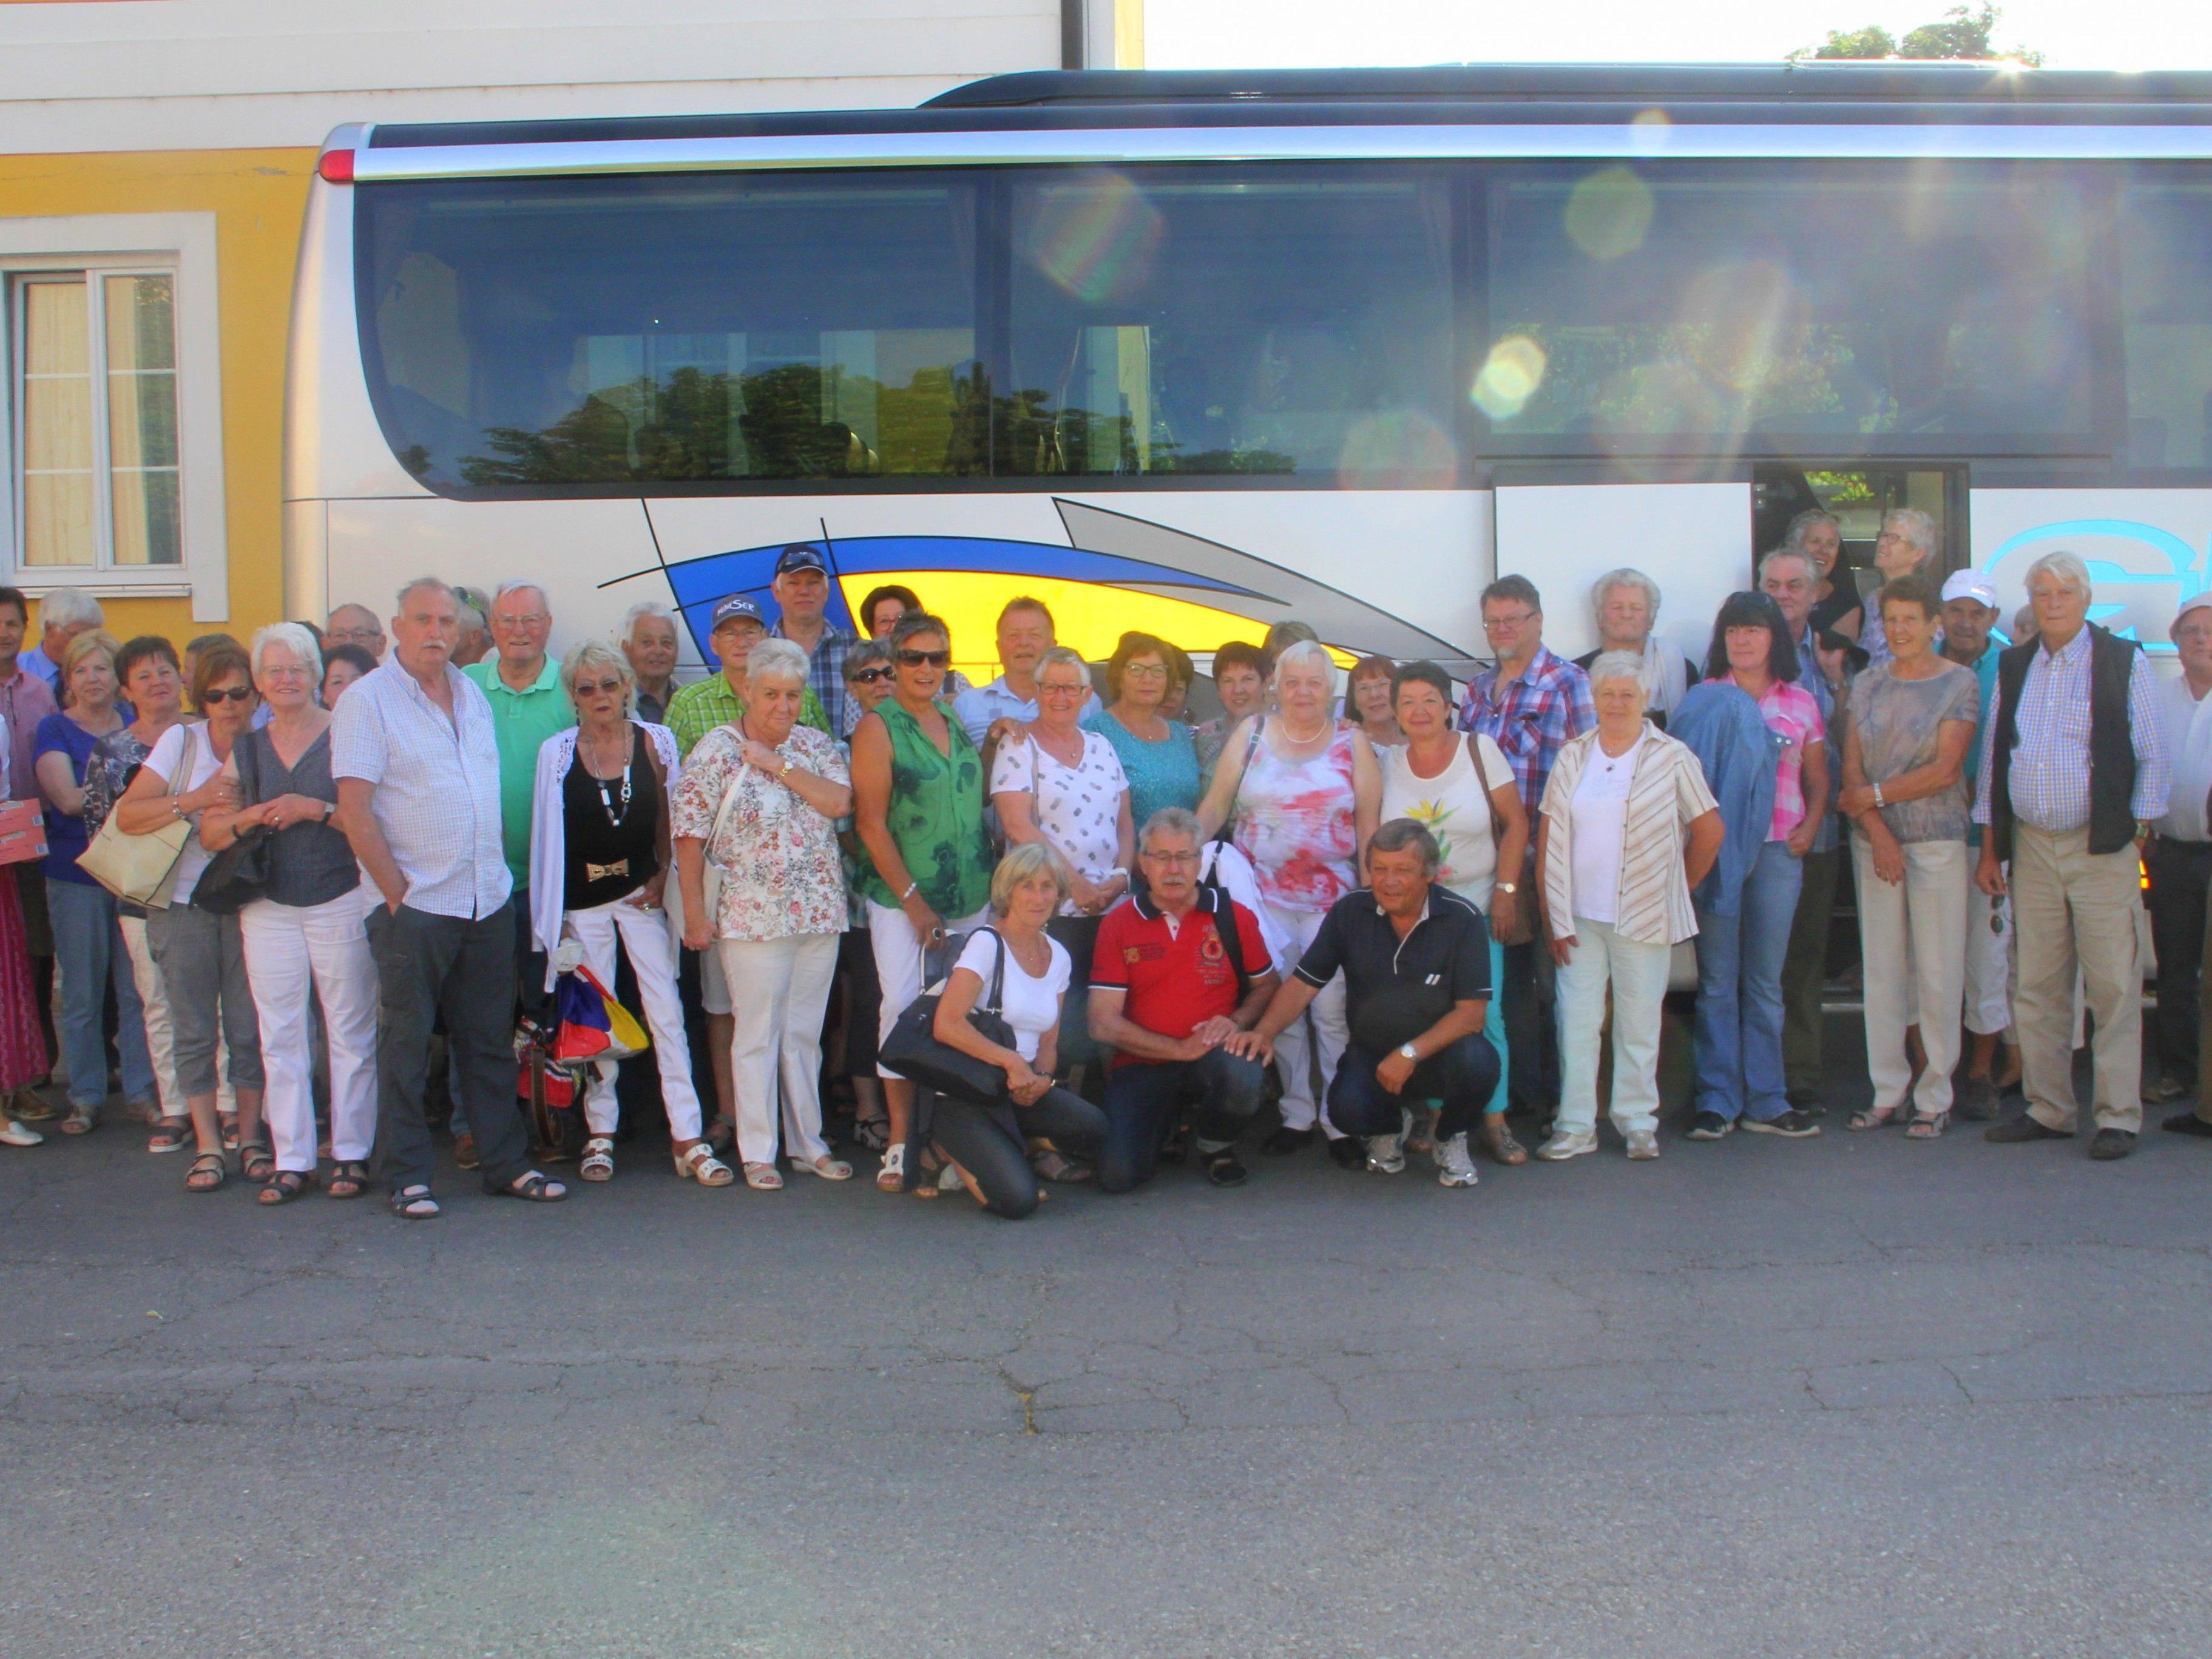 47 Seniorenringler erlebten eine unvergessliche Ausflugsfahrt nach Niederösterreich